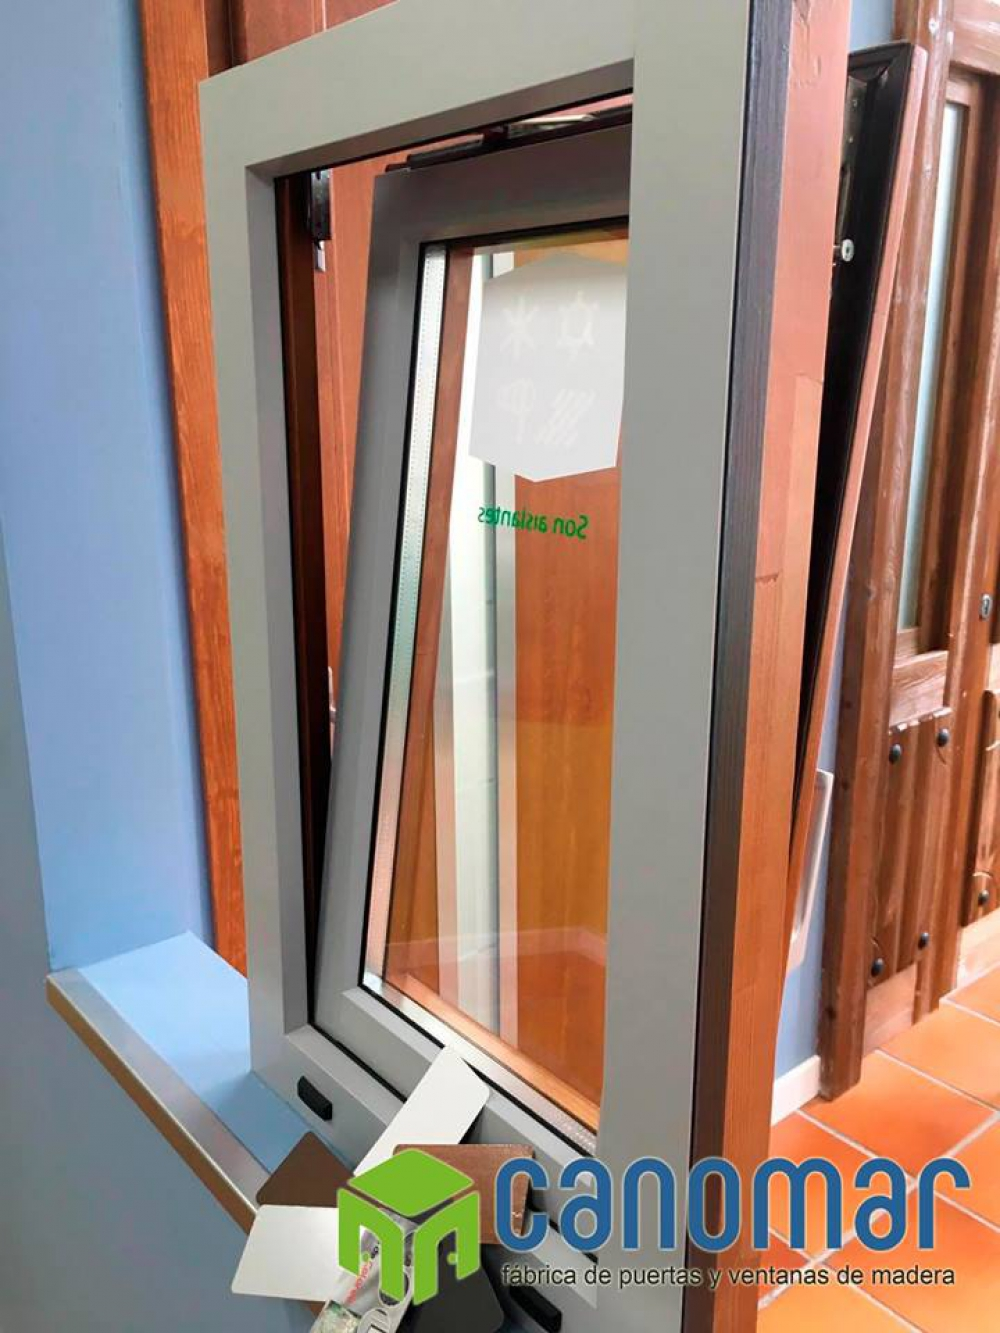 Puertas canomar tienda online de puertas de madera fabricantes de puertas y ventanas econ micas - Canomar madrid ...